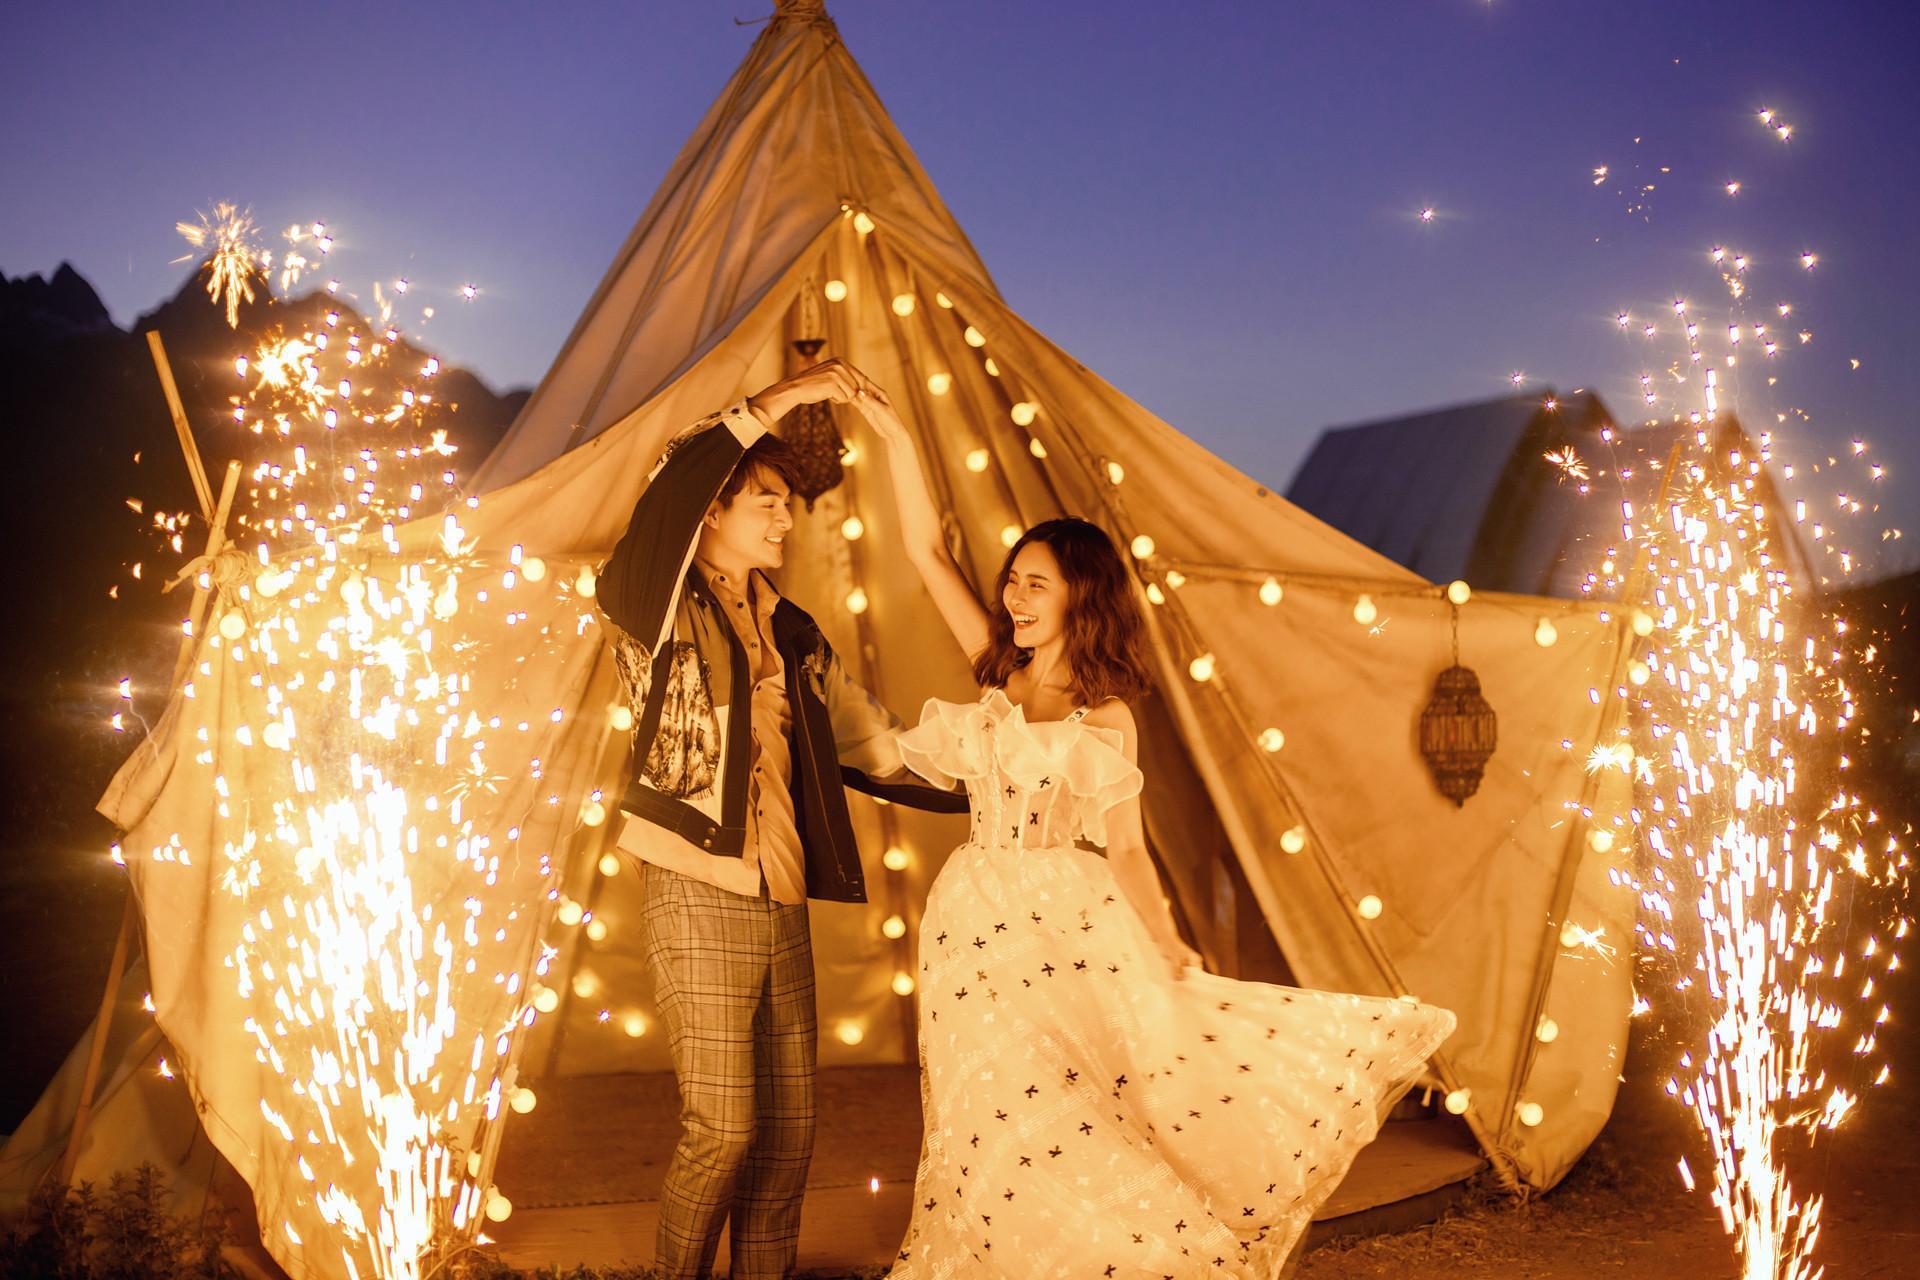 测评揭秘:丽江婚纱照哪家拍的最好?丽江旅拍要多少钱会不会被坑